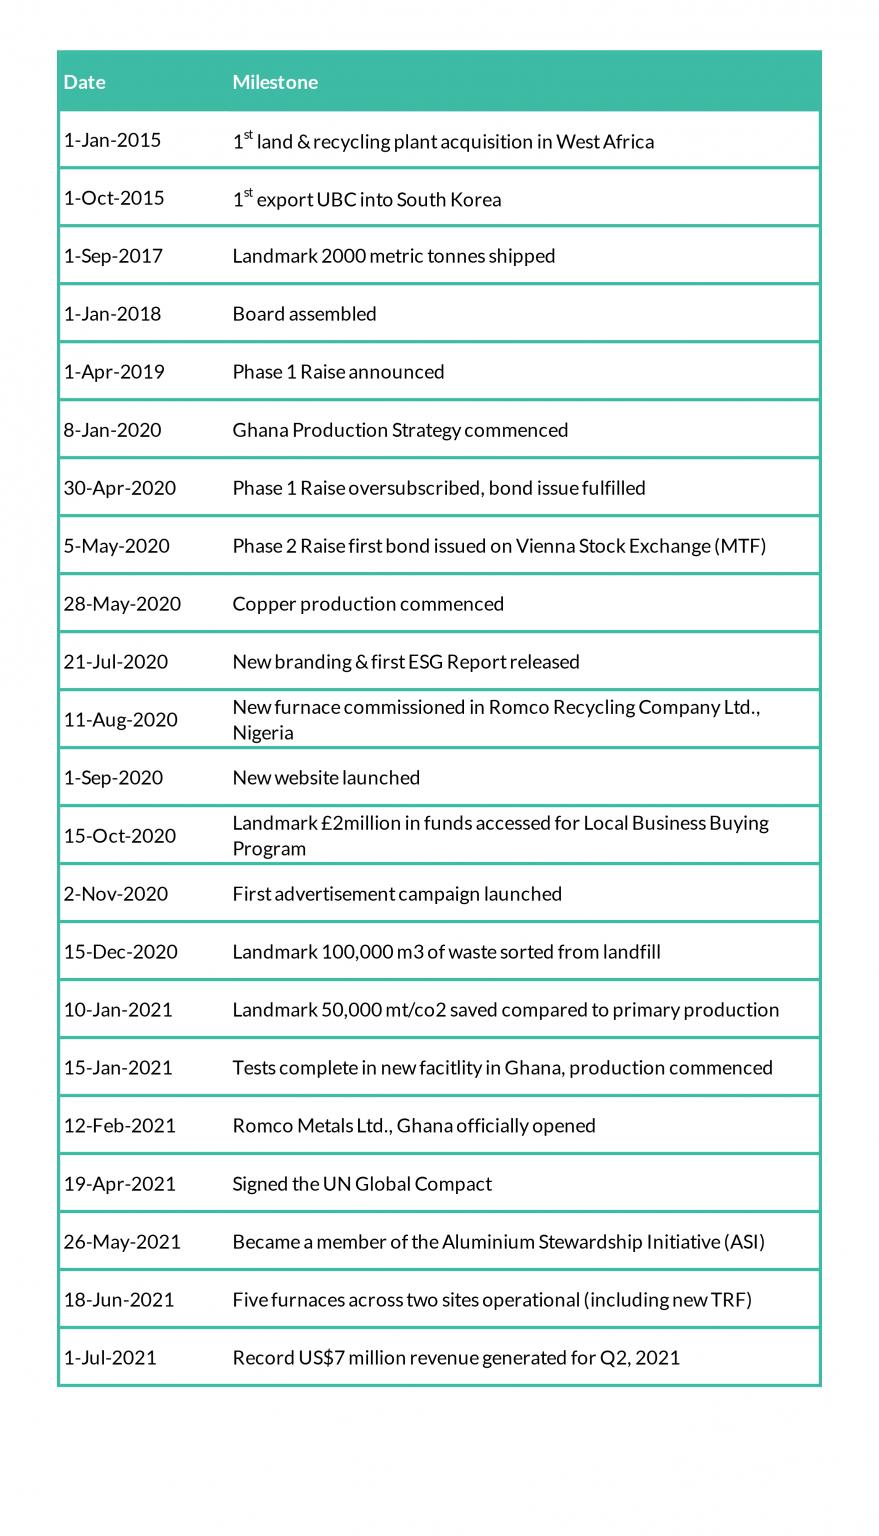 Romco Historical Milestones